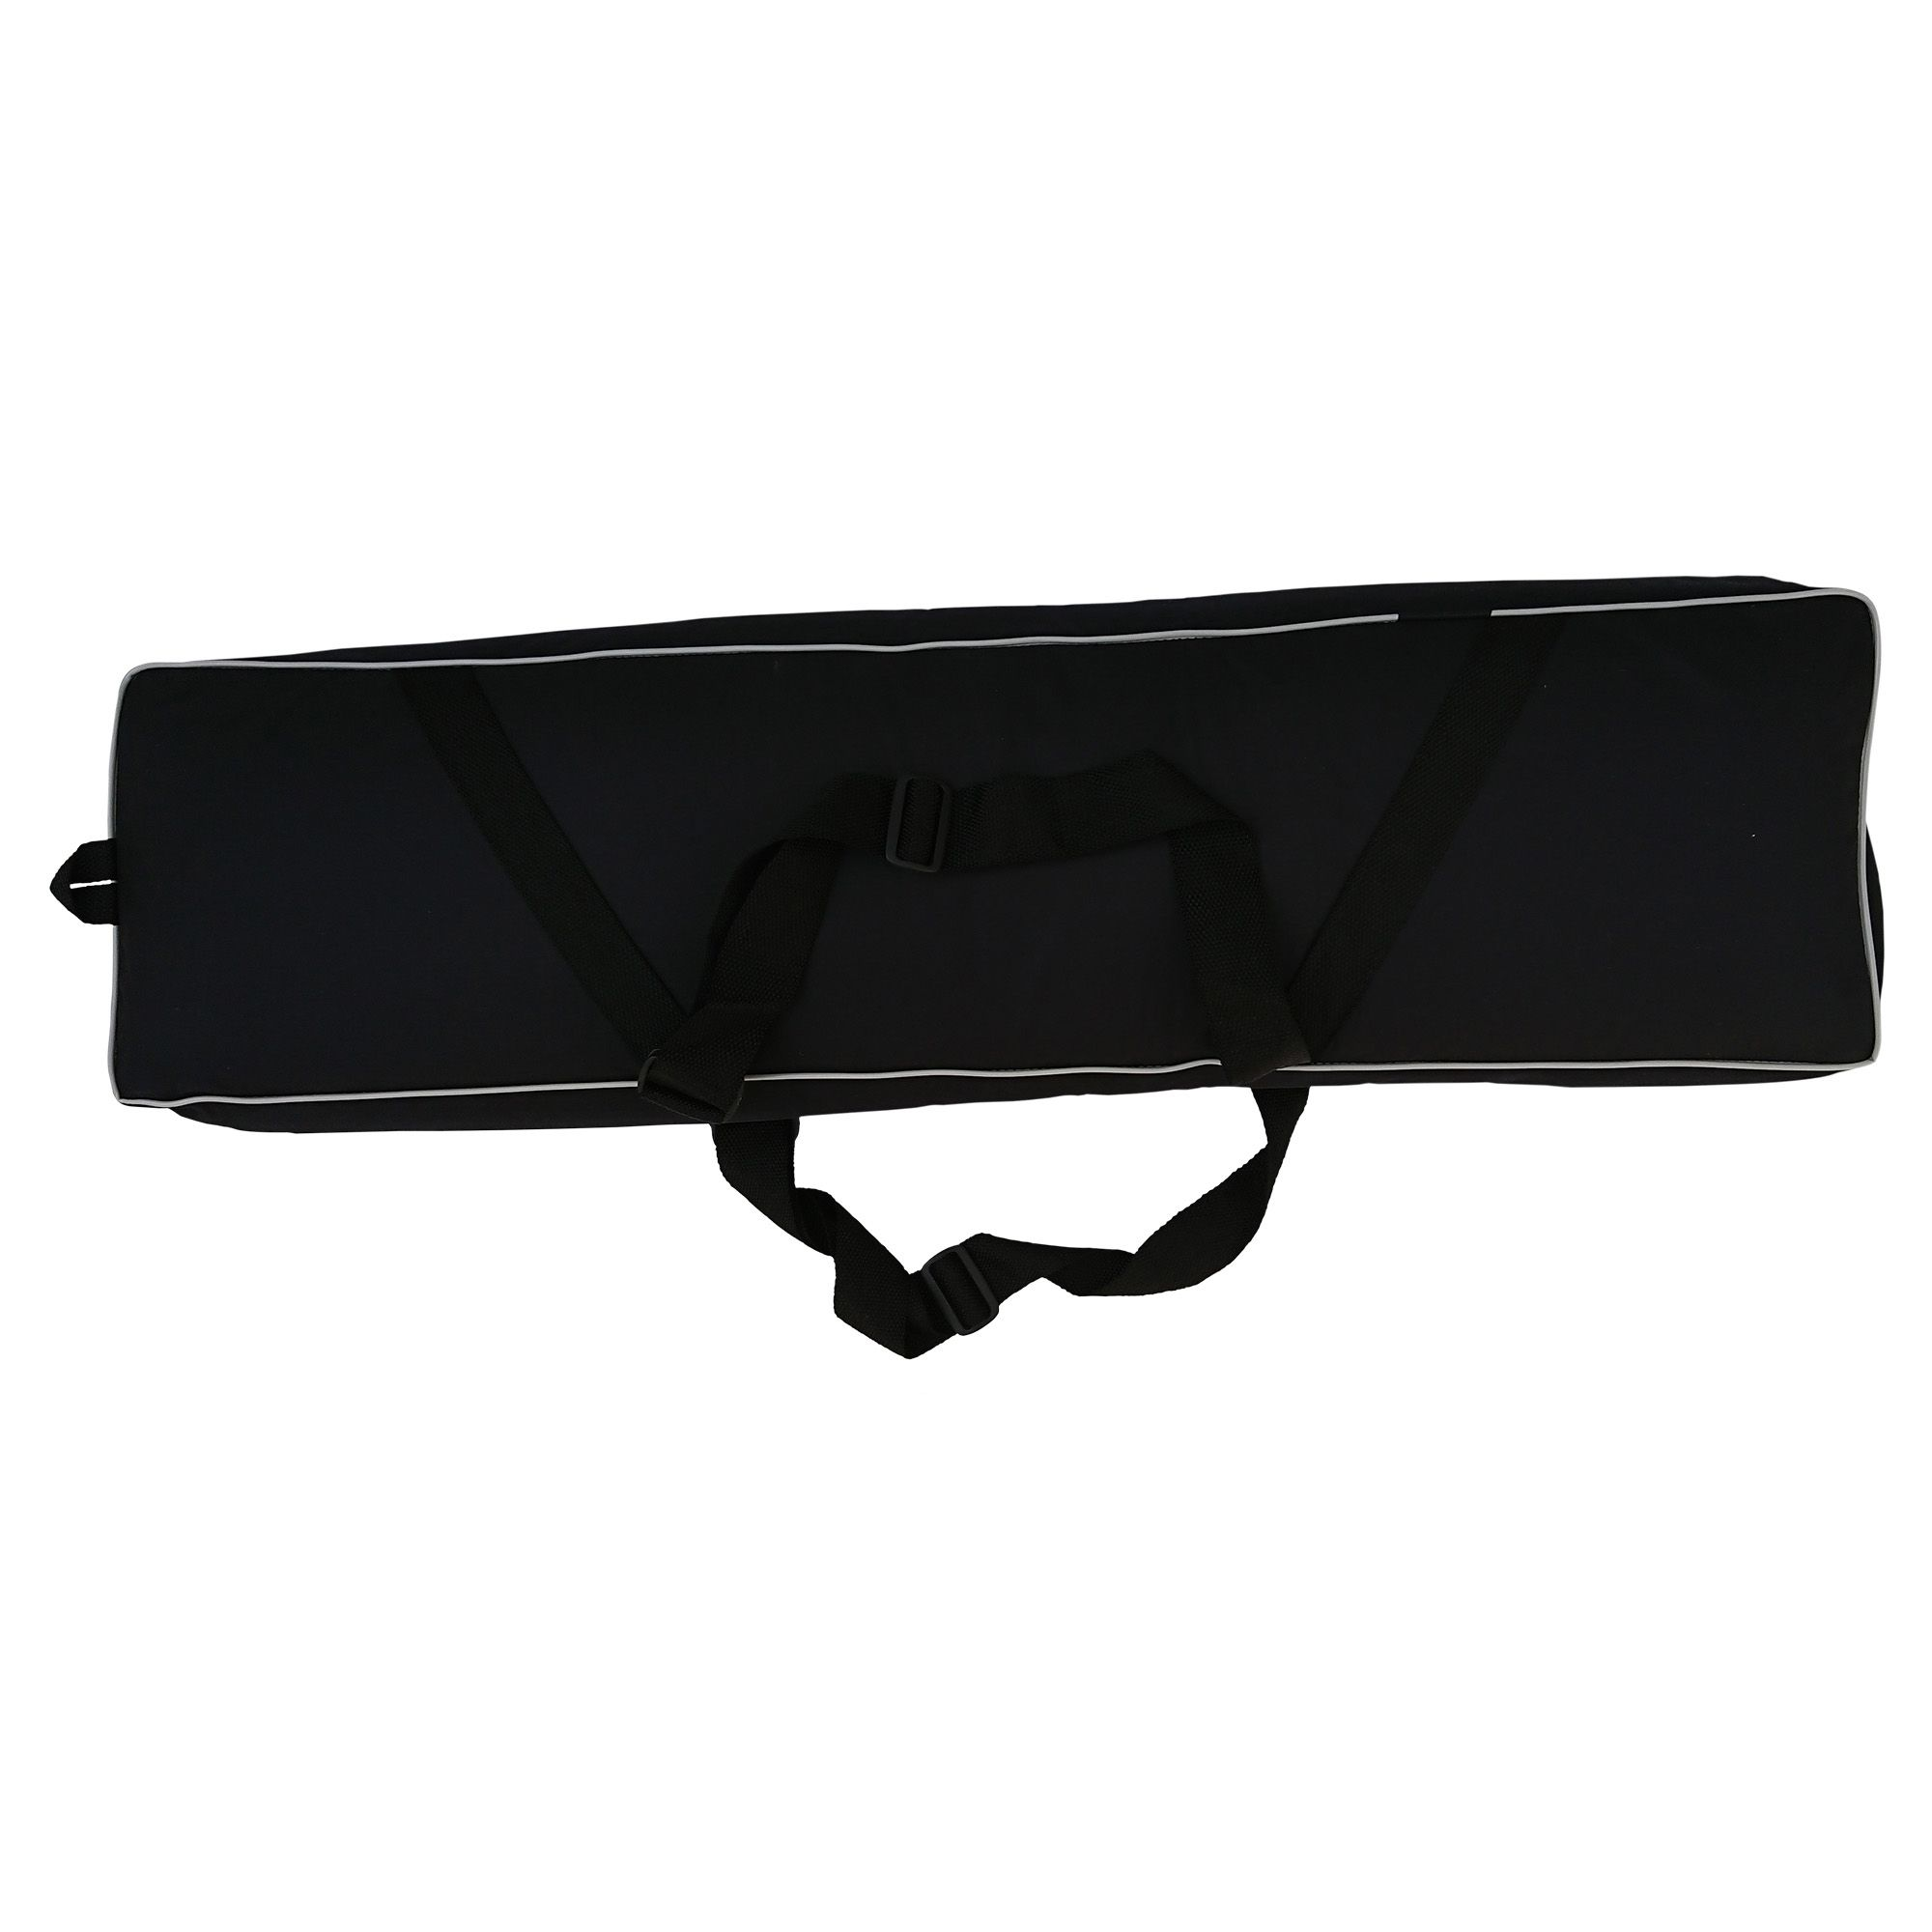 Capa Bag para Teclado Semi Case gold para teclados XPS 10, UMX 610 e outros  (101 x 23 x 10 cm)